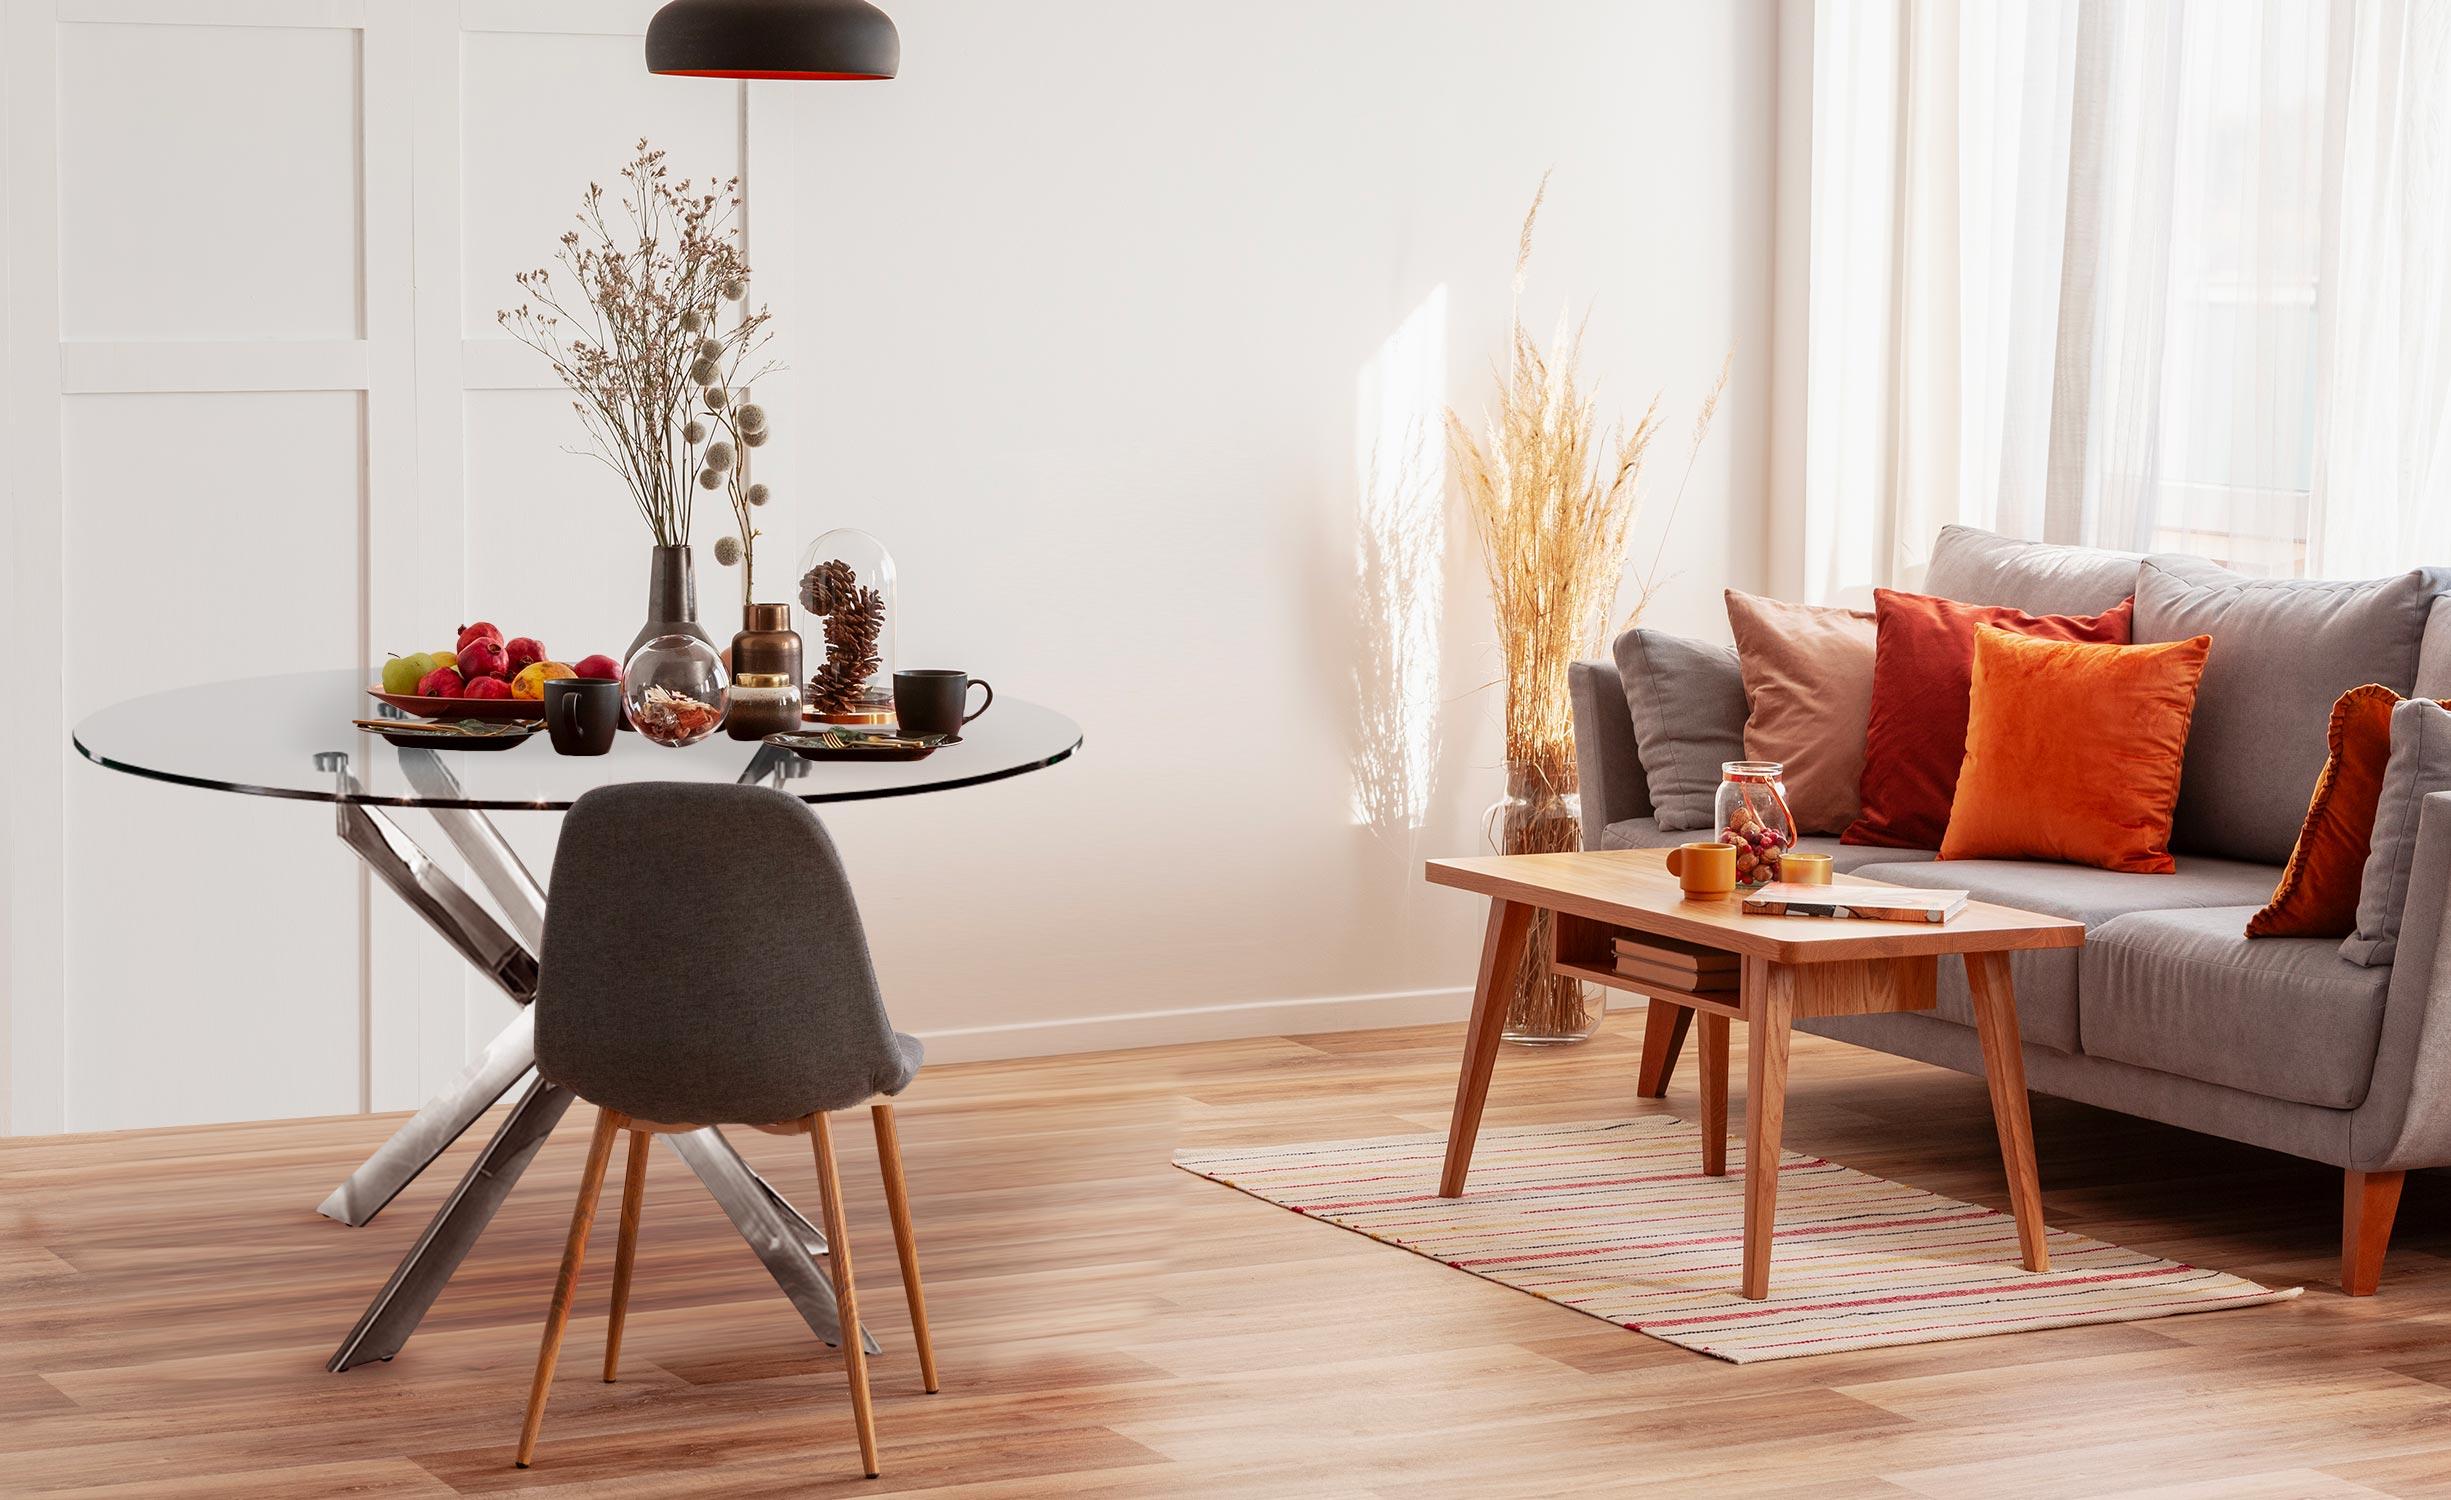 Ronde Corix glazen tafel met metalen poten